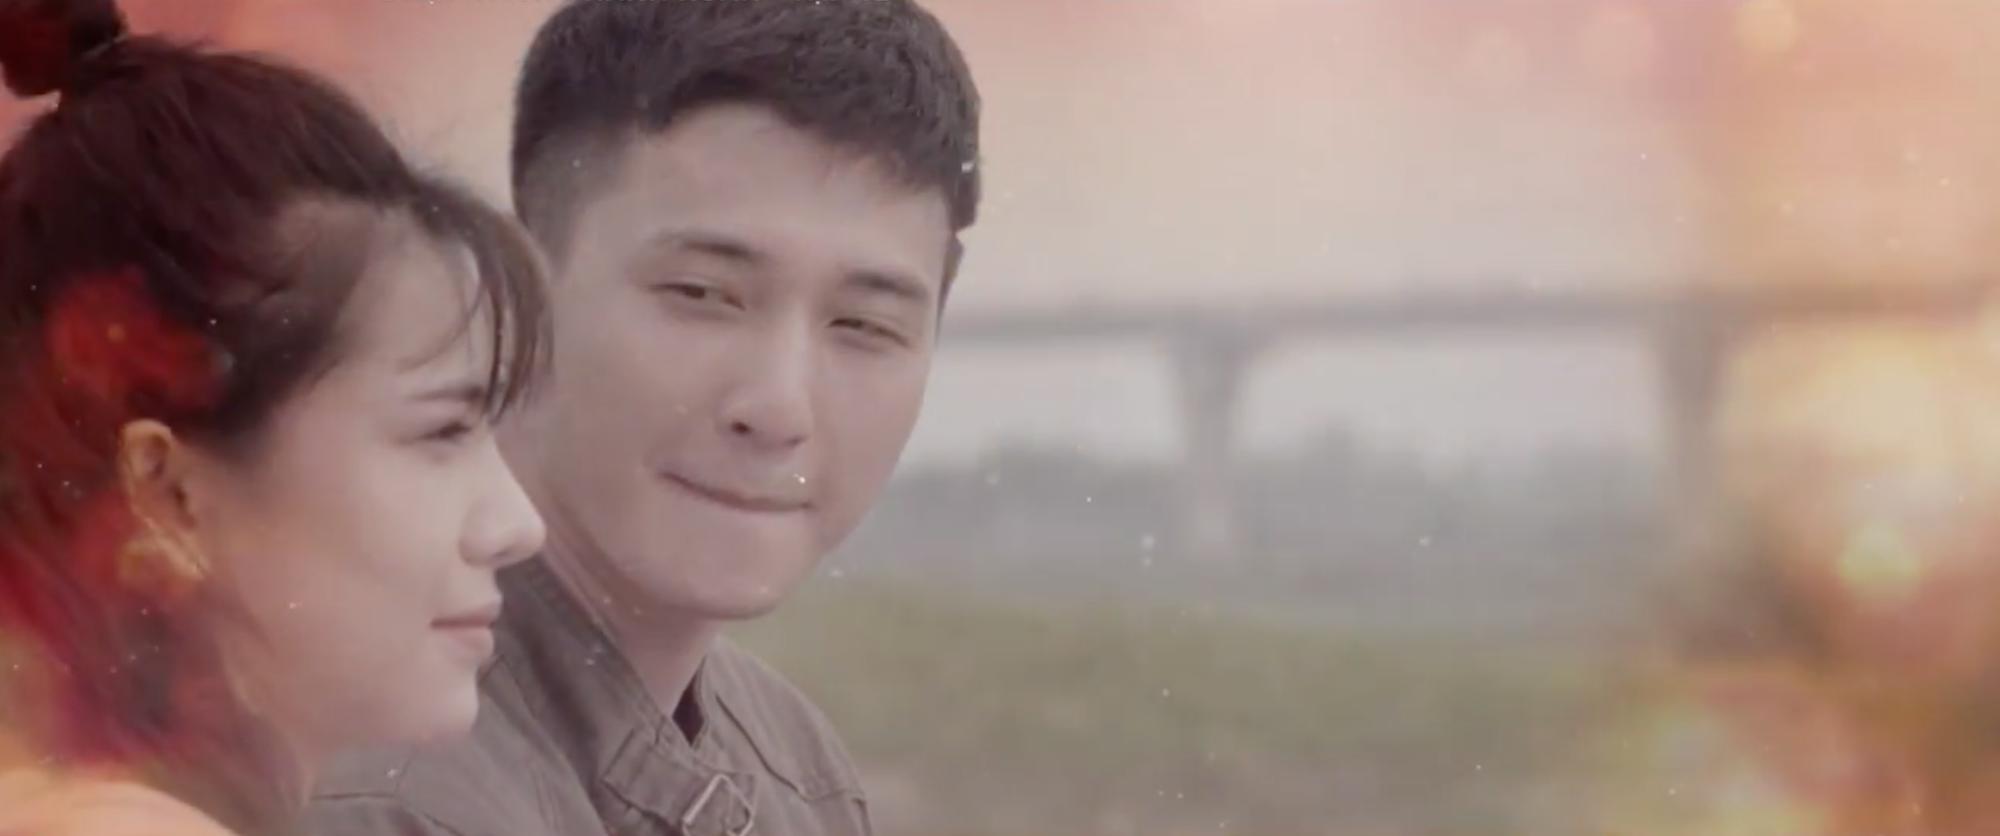 Lưu Đê Ly đối diện với nỗi ám ảnh cuộc đời, Huỳnh Anh nhanh chóng ra tay trong Chạy Trốn Thanh Xuân - Ảnh 7.